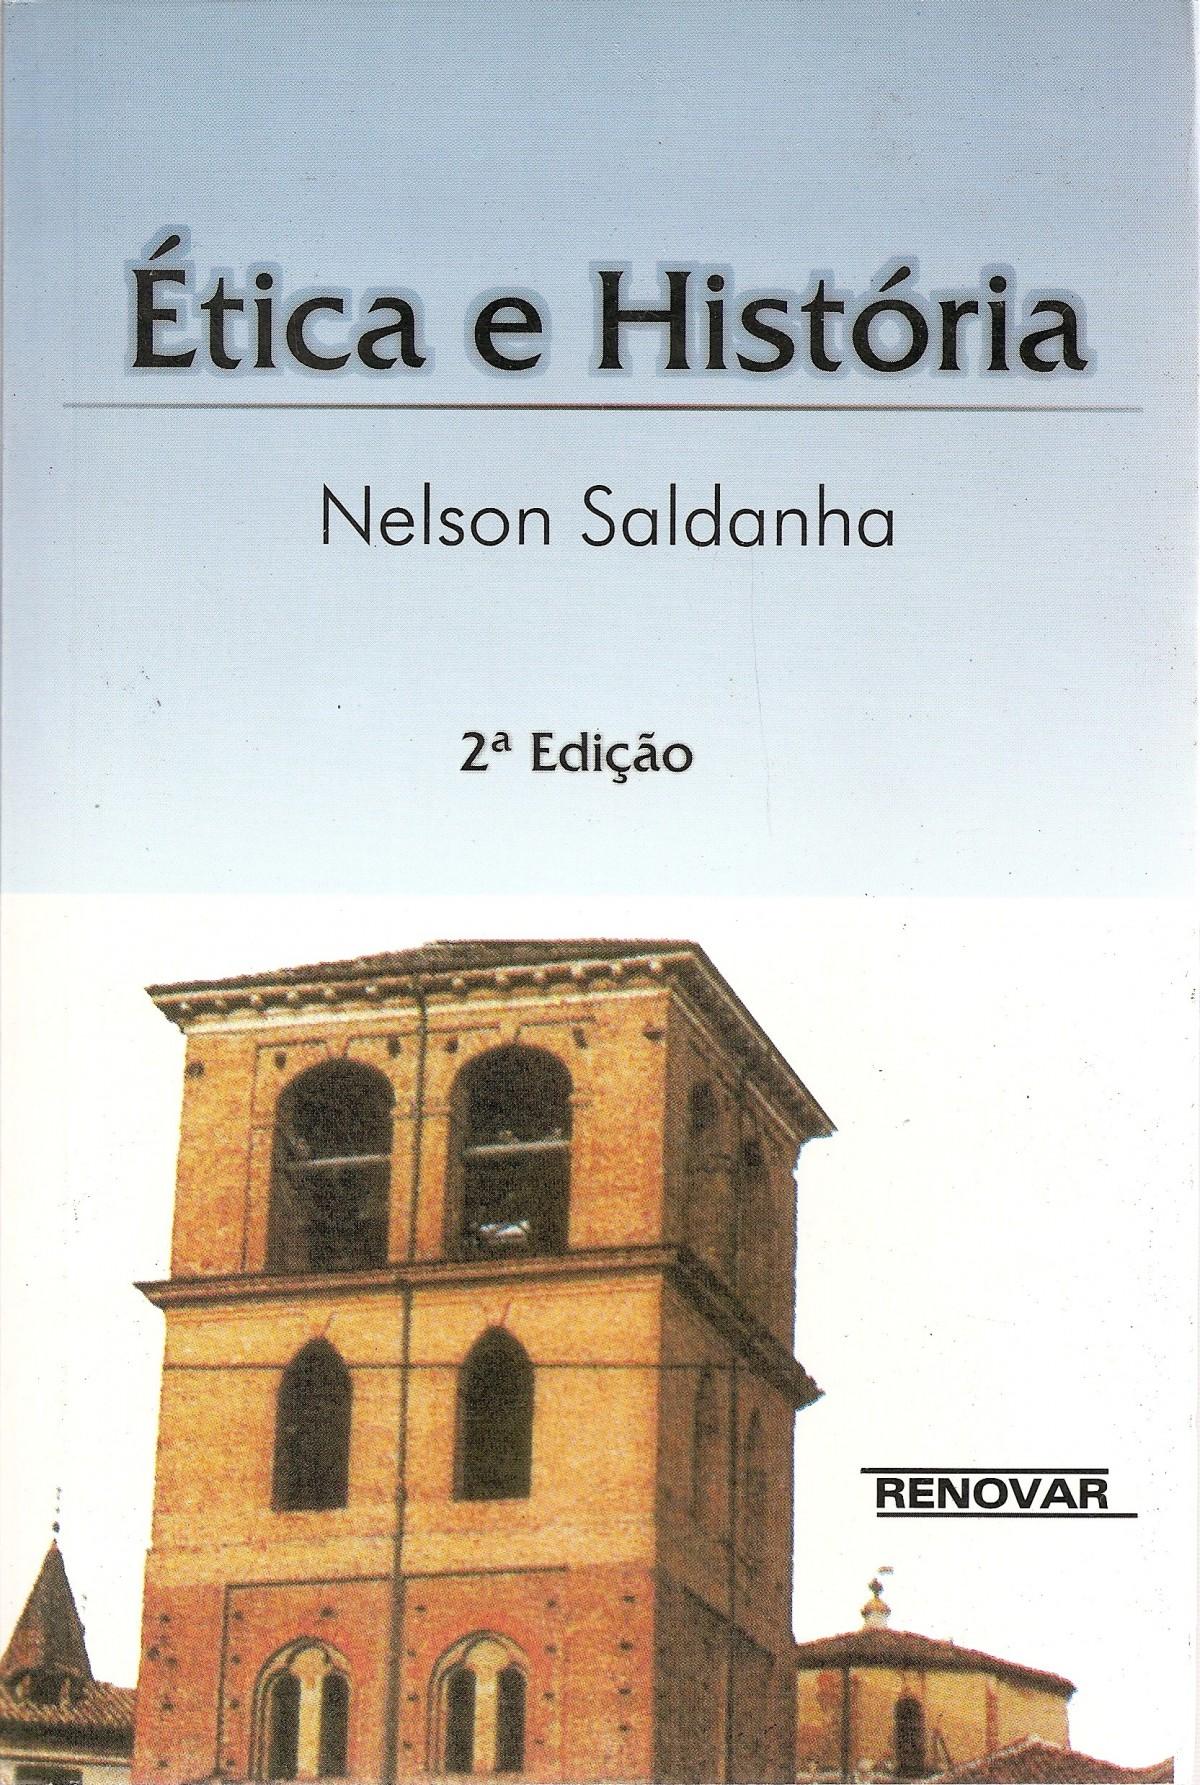 Foto 1 - Ética e História